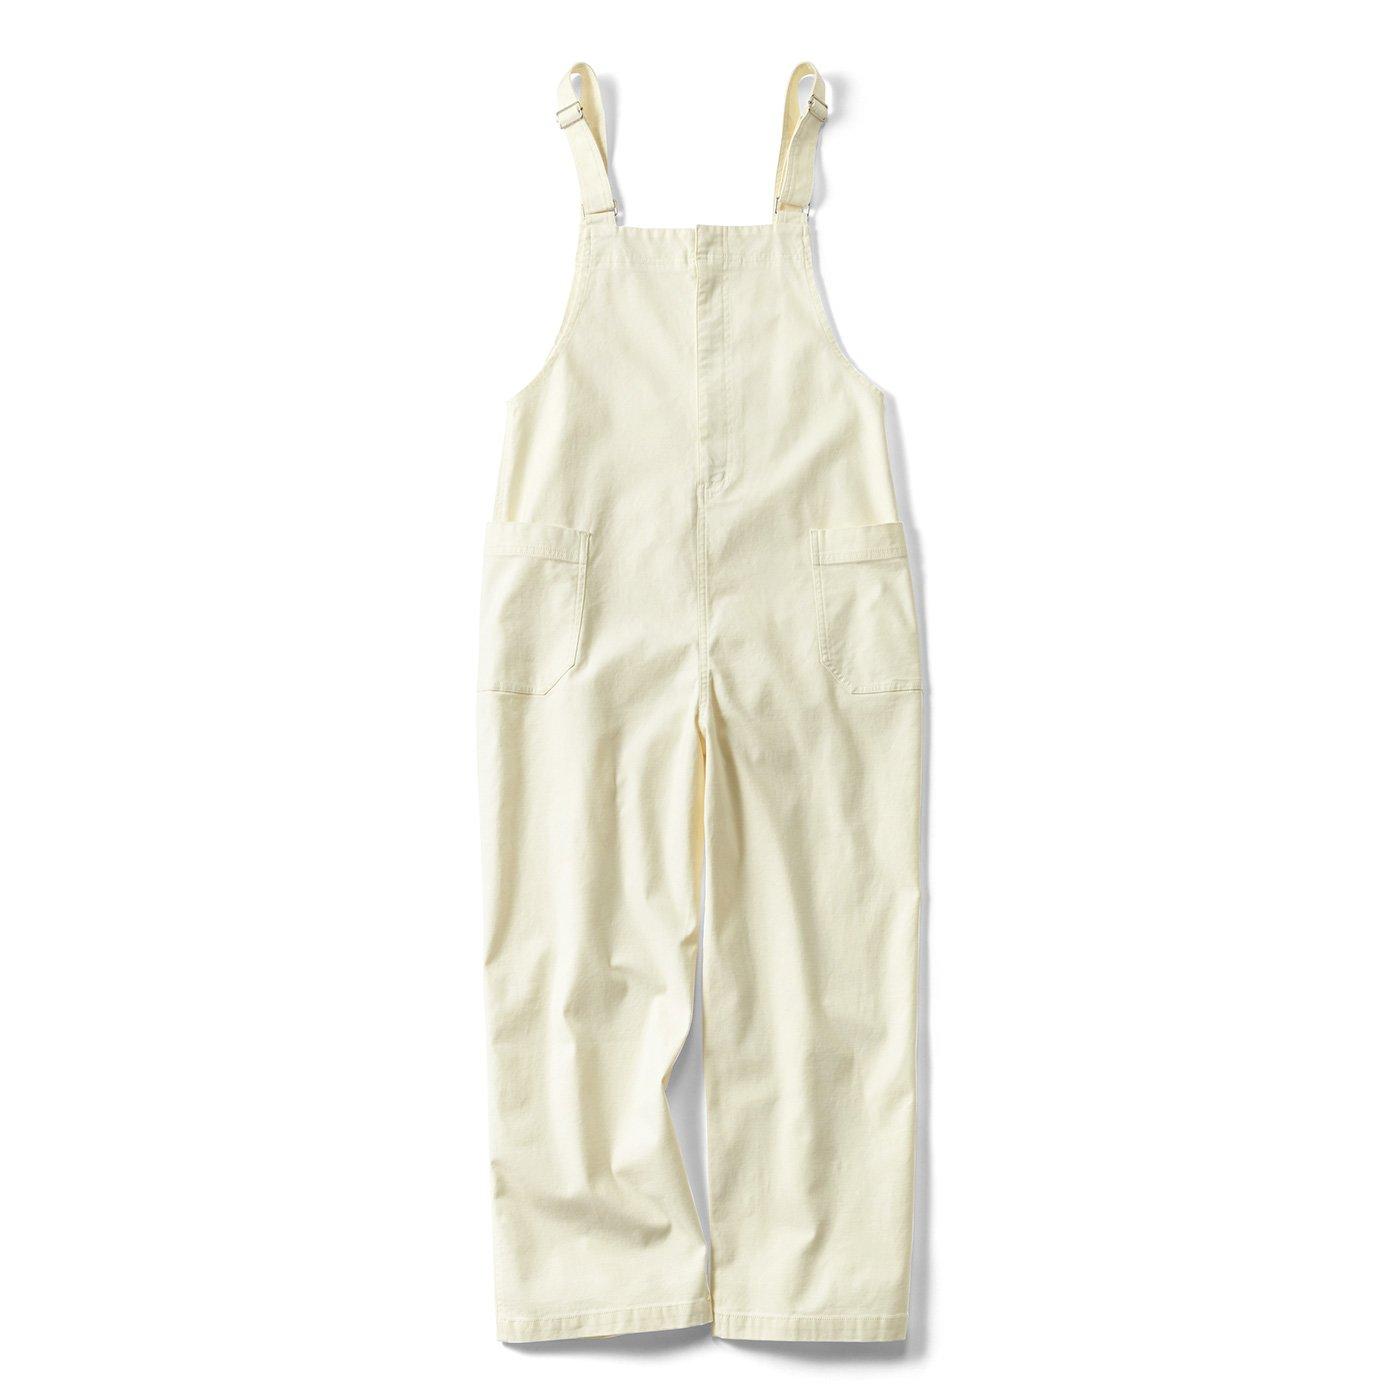 【3~10日でお届け】リブ イン コンフォート ワンピース感覚で着られる 大人のカジュアルサロペット〈オフホワイト〉